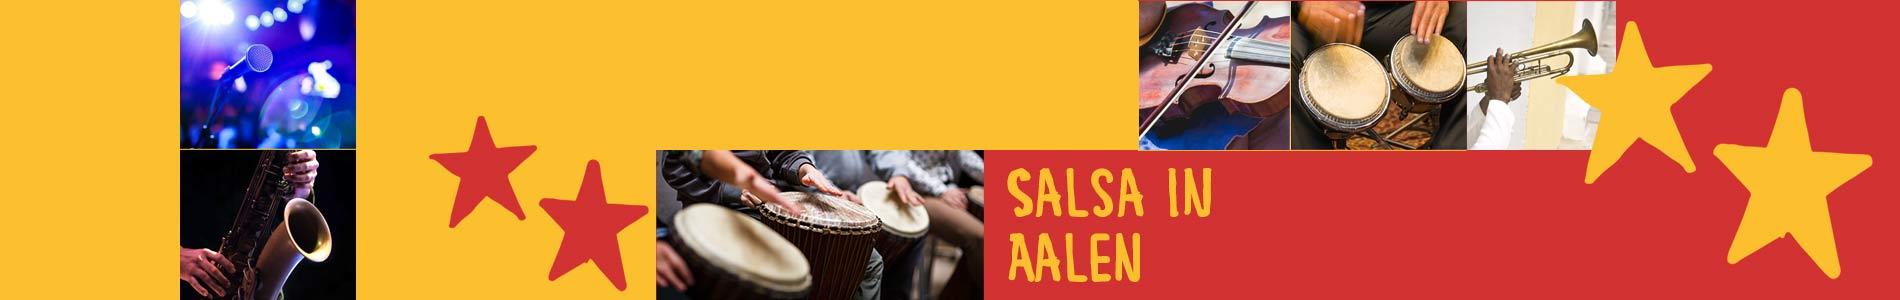 Salsa in Aalen – Salsa lernen und tanzen, Tanzkurse, Partys, Veranstaltungen